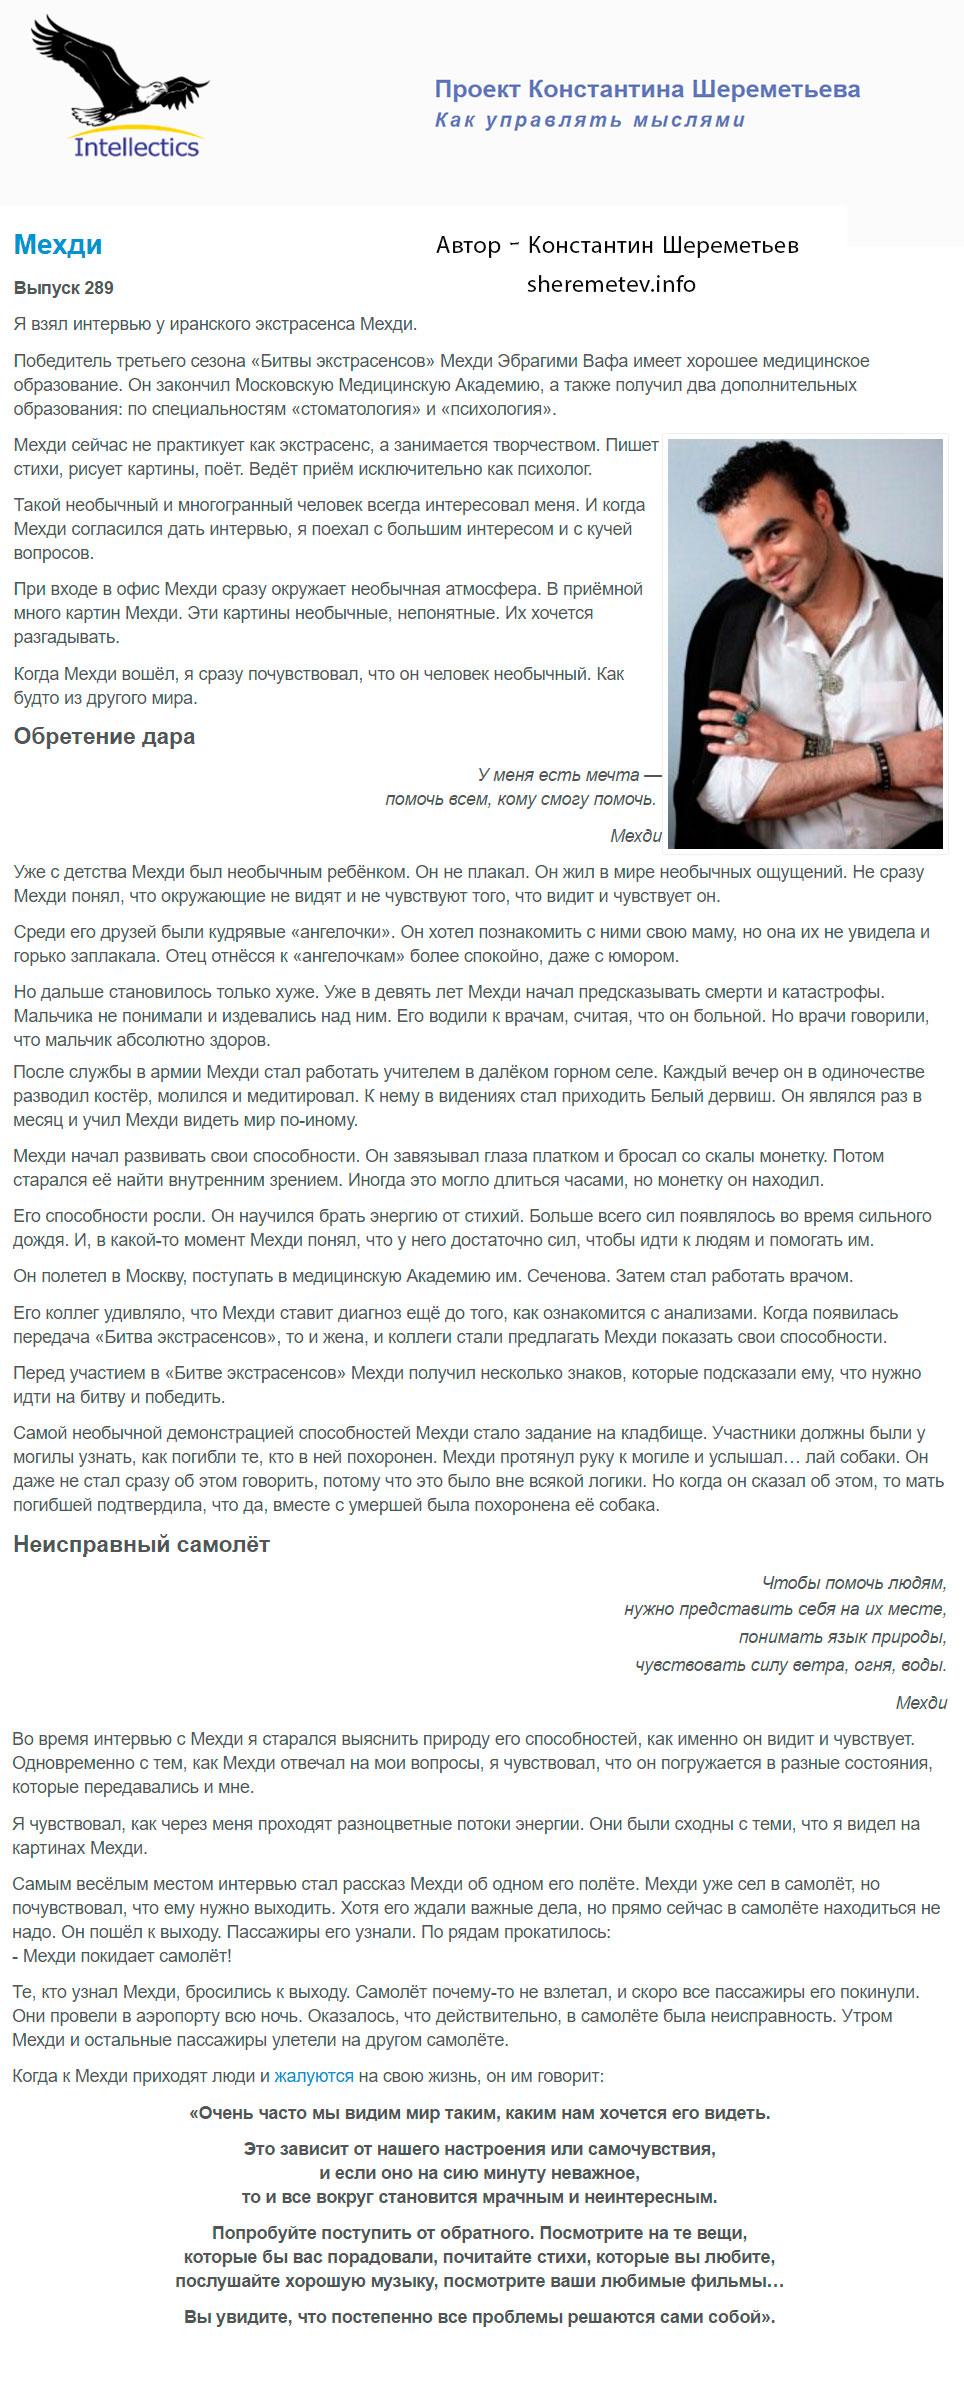 Константин Шереметьев о экстрасенсе Мехди